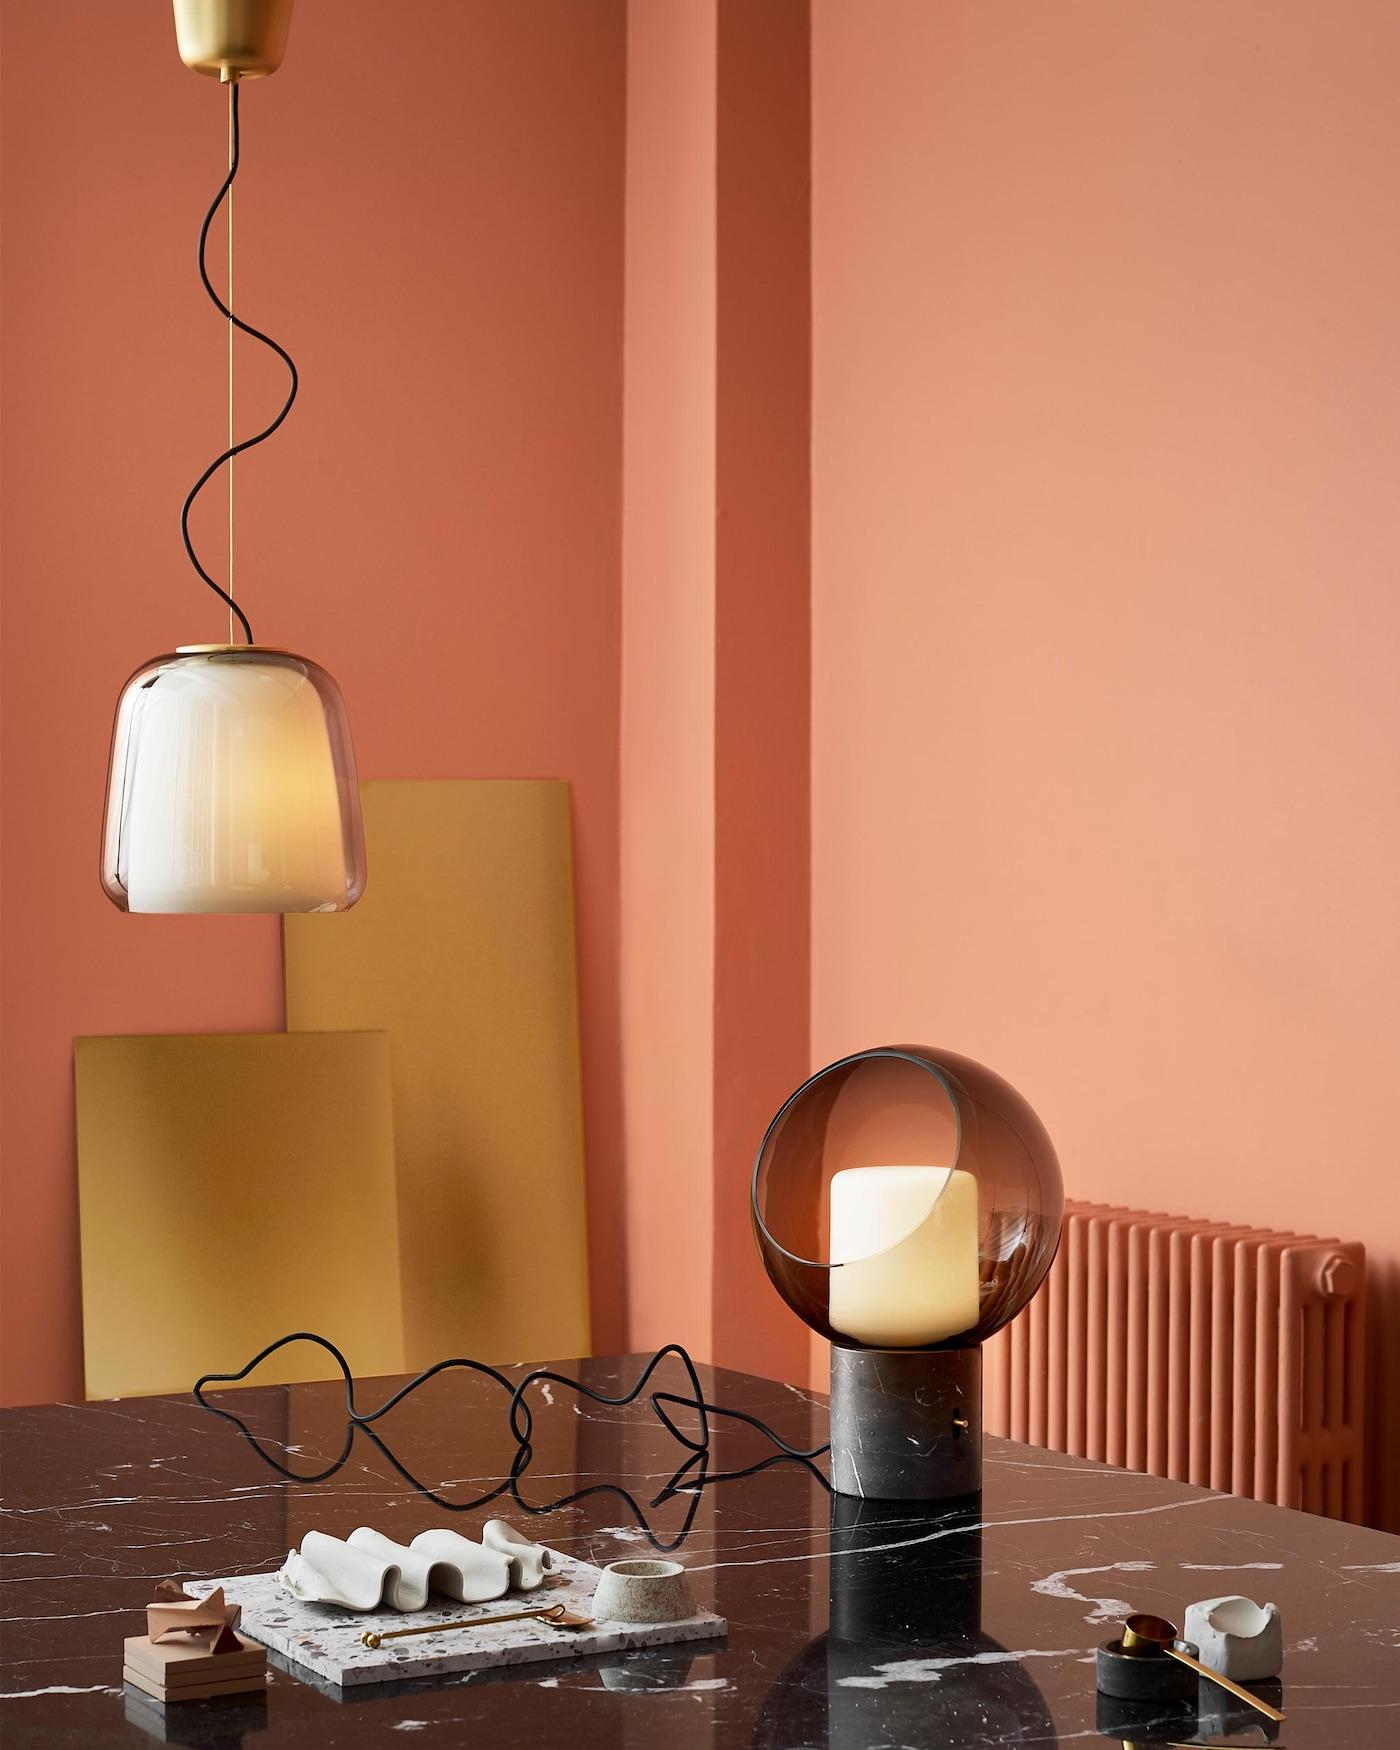 IKEA EVEDAL -pöytävalaisin on pallonmuotoinen lasivalaisin, jossa on messinginvärinen himmennin. Siinä on myös marmorijalusta.